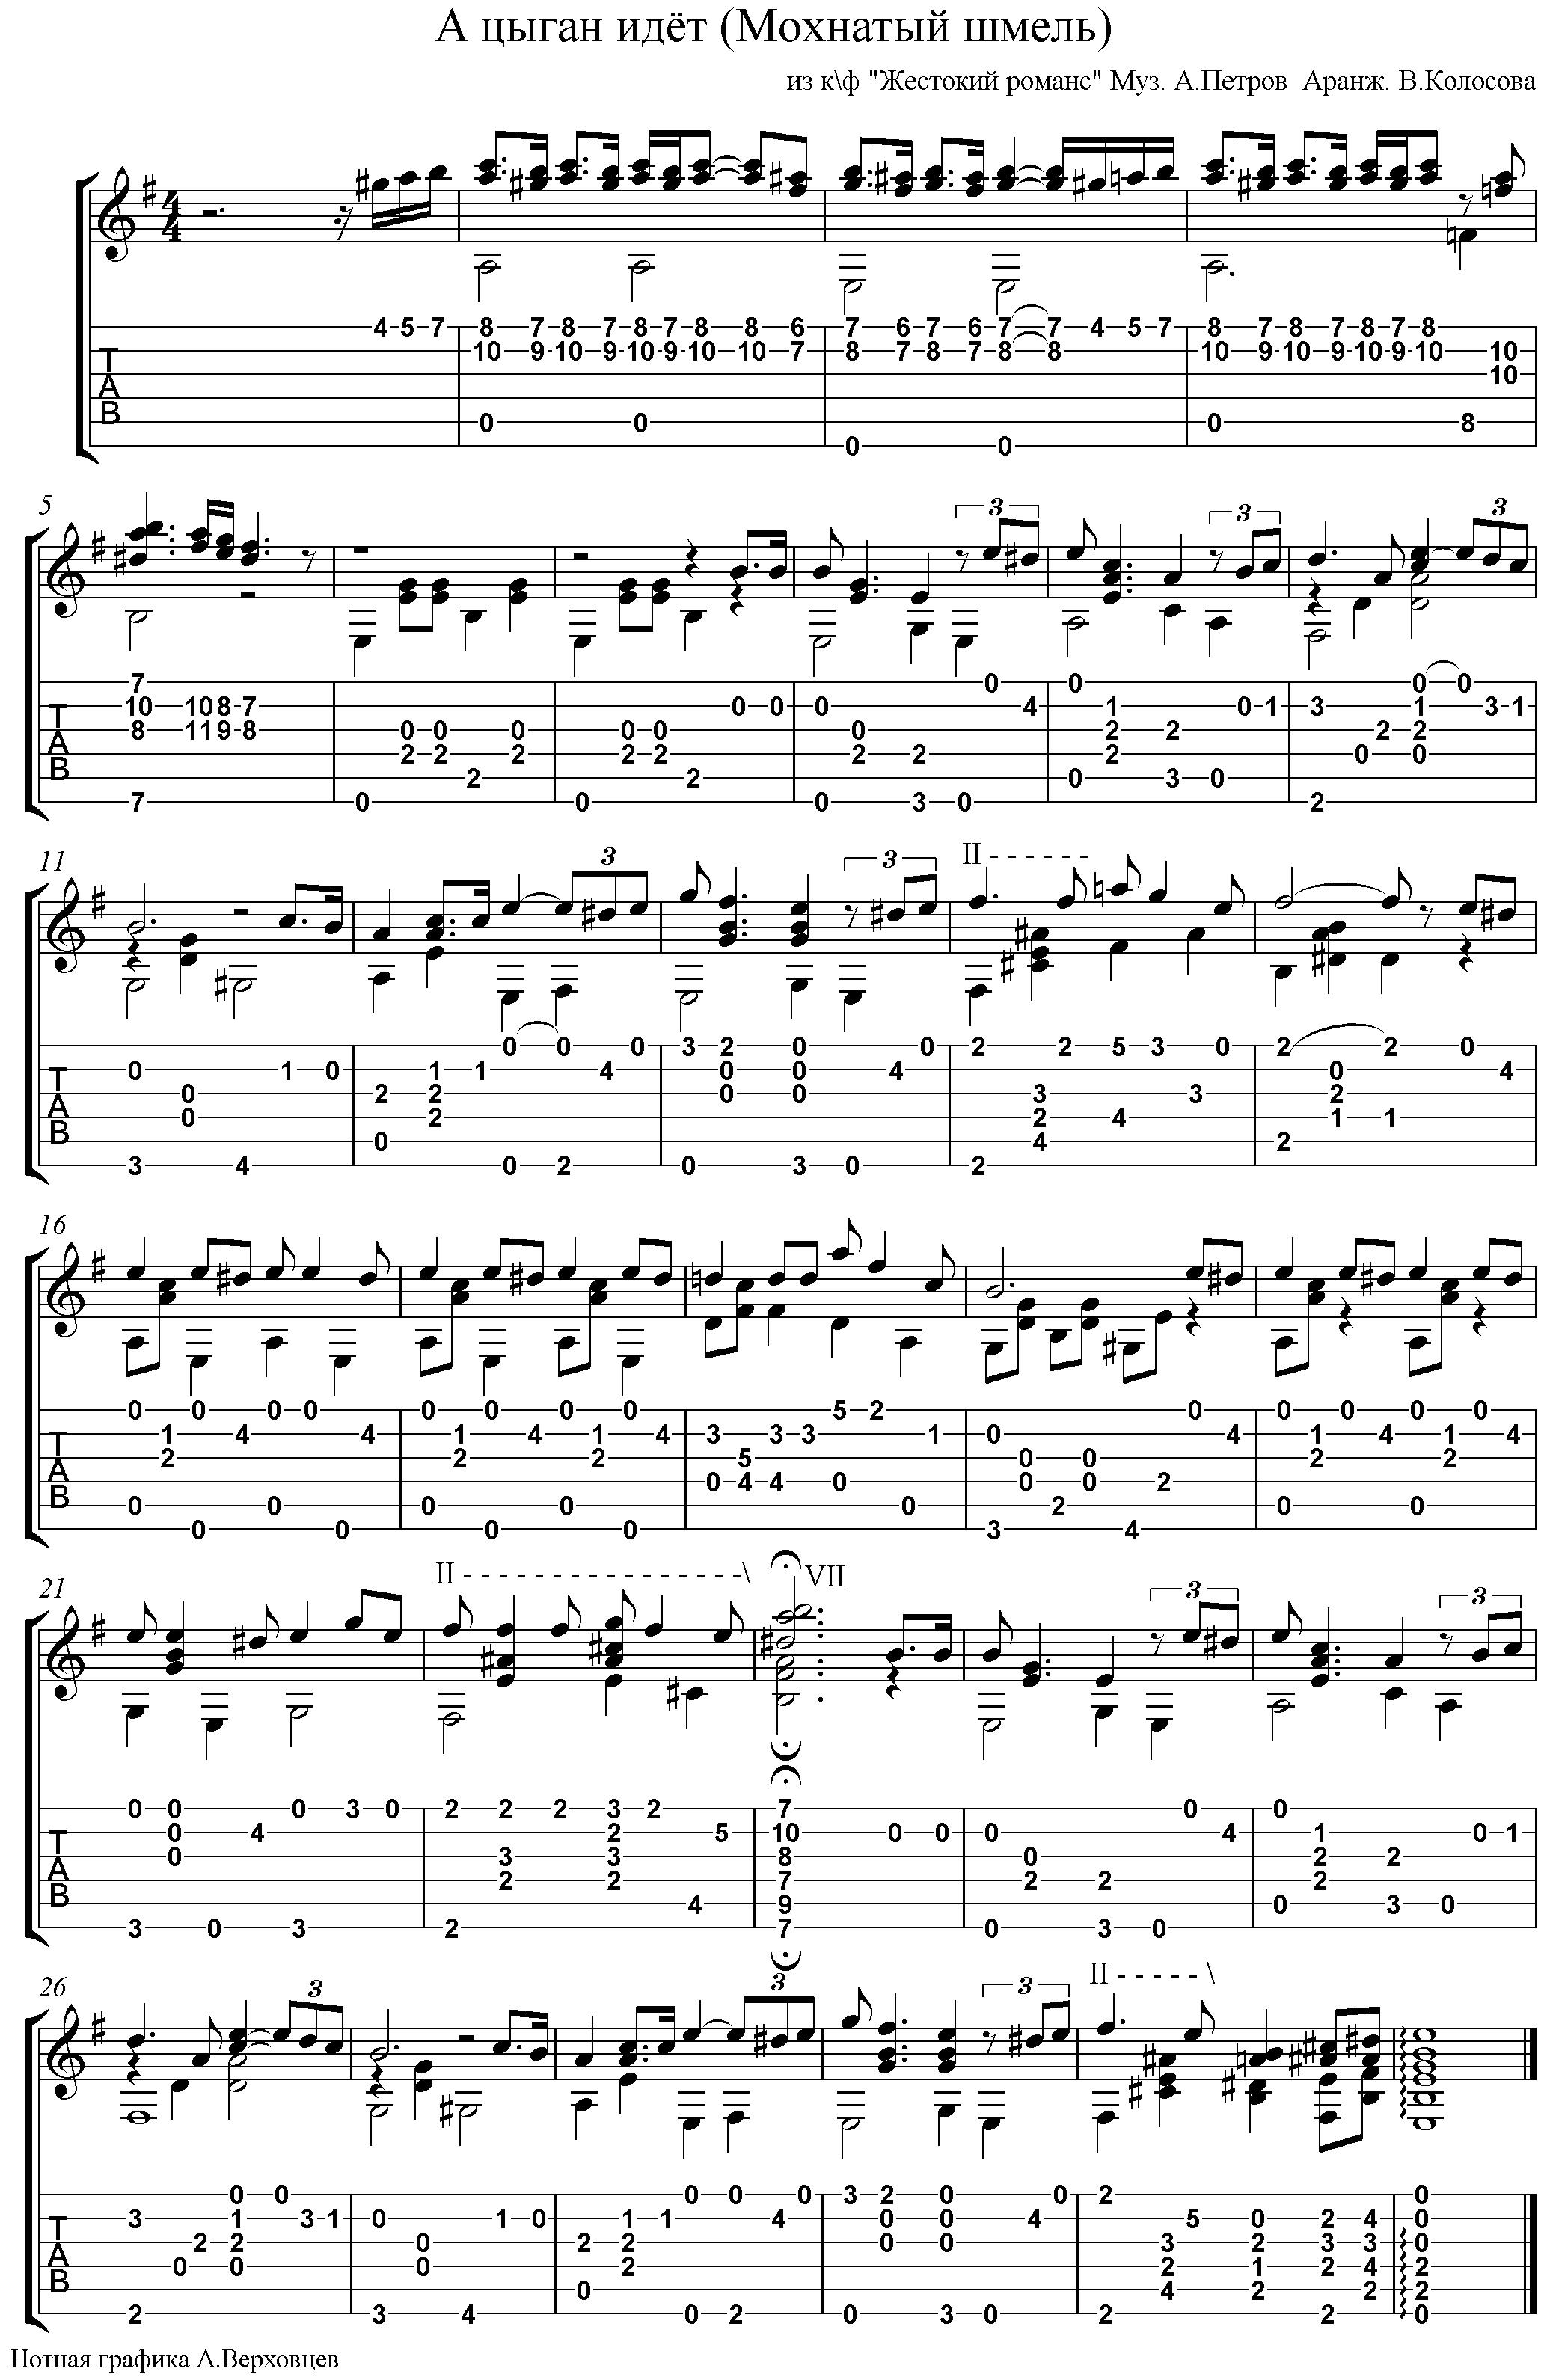 Скачать мелодию цыган